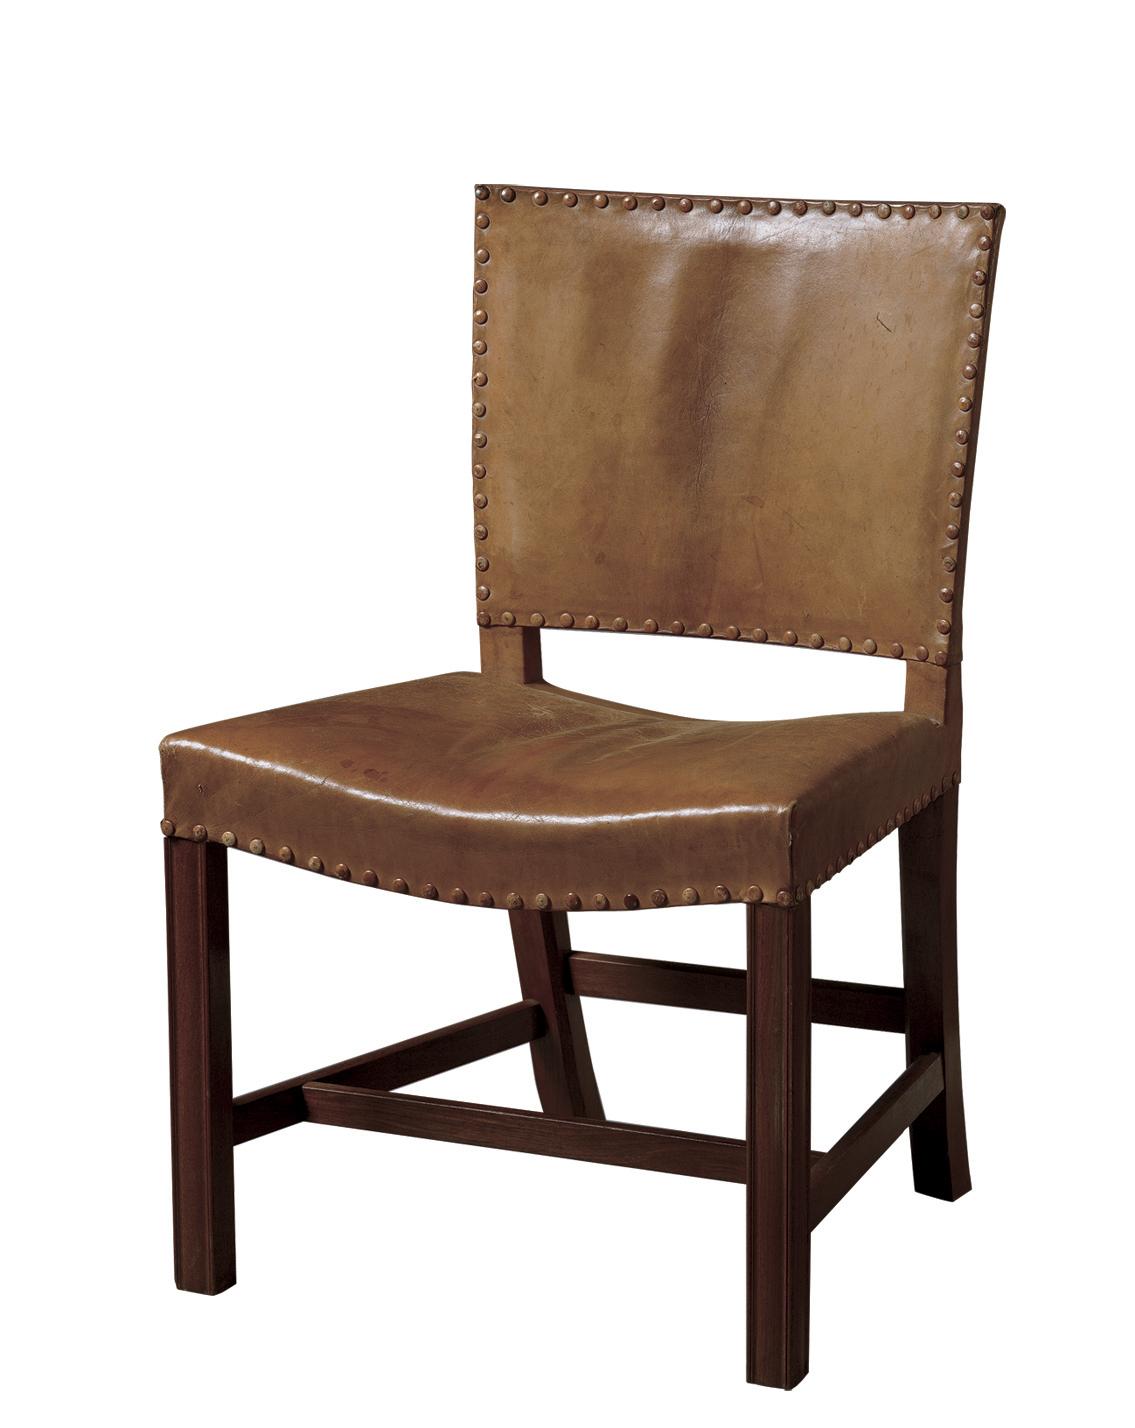 コーオ・クリント 椅子 KK37580〈レッドチェア〉 1927年 ルド・ラスムッセン工房 デンマーク・デザイン博物館 Photo:Designmuseum Danmark/Pernille Klemp